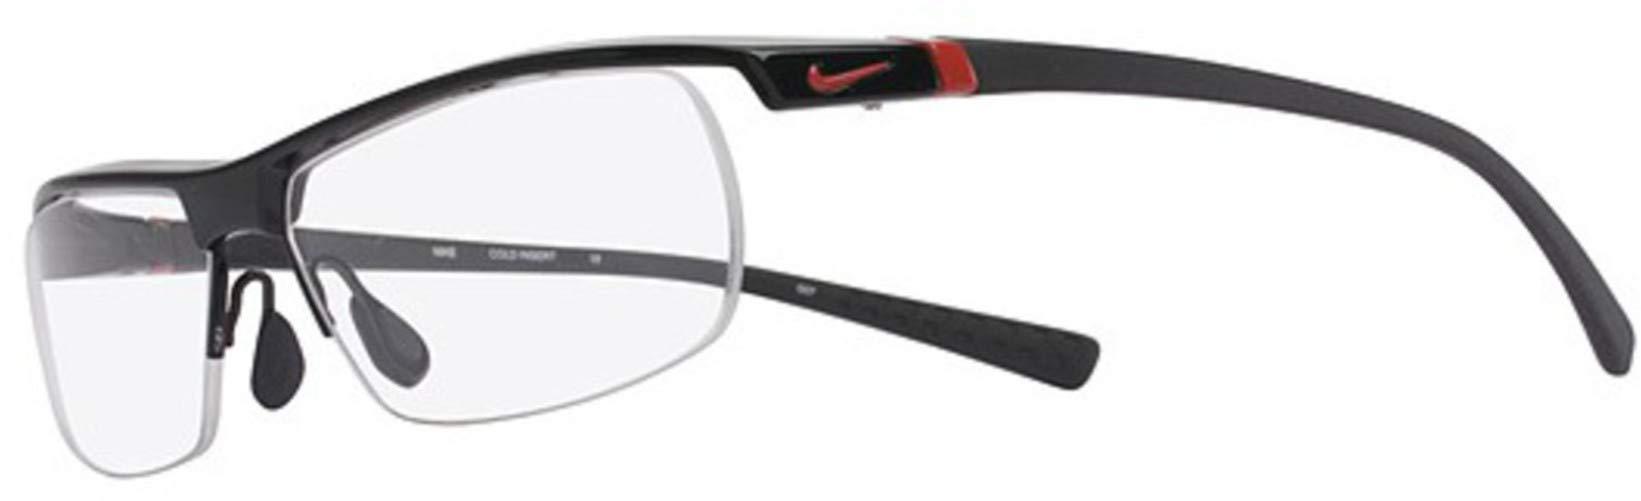 Nike Eyeglasses 7071/2 002 Gloss Black Demo 57 14